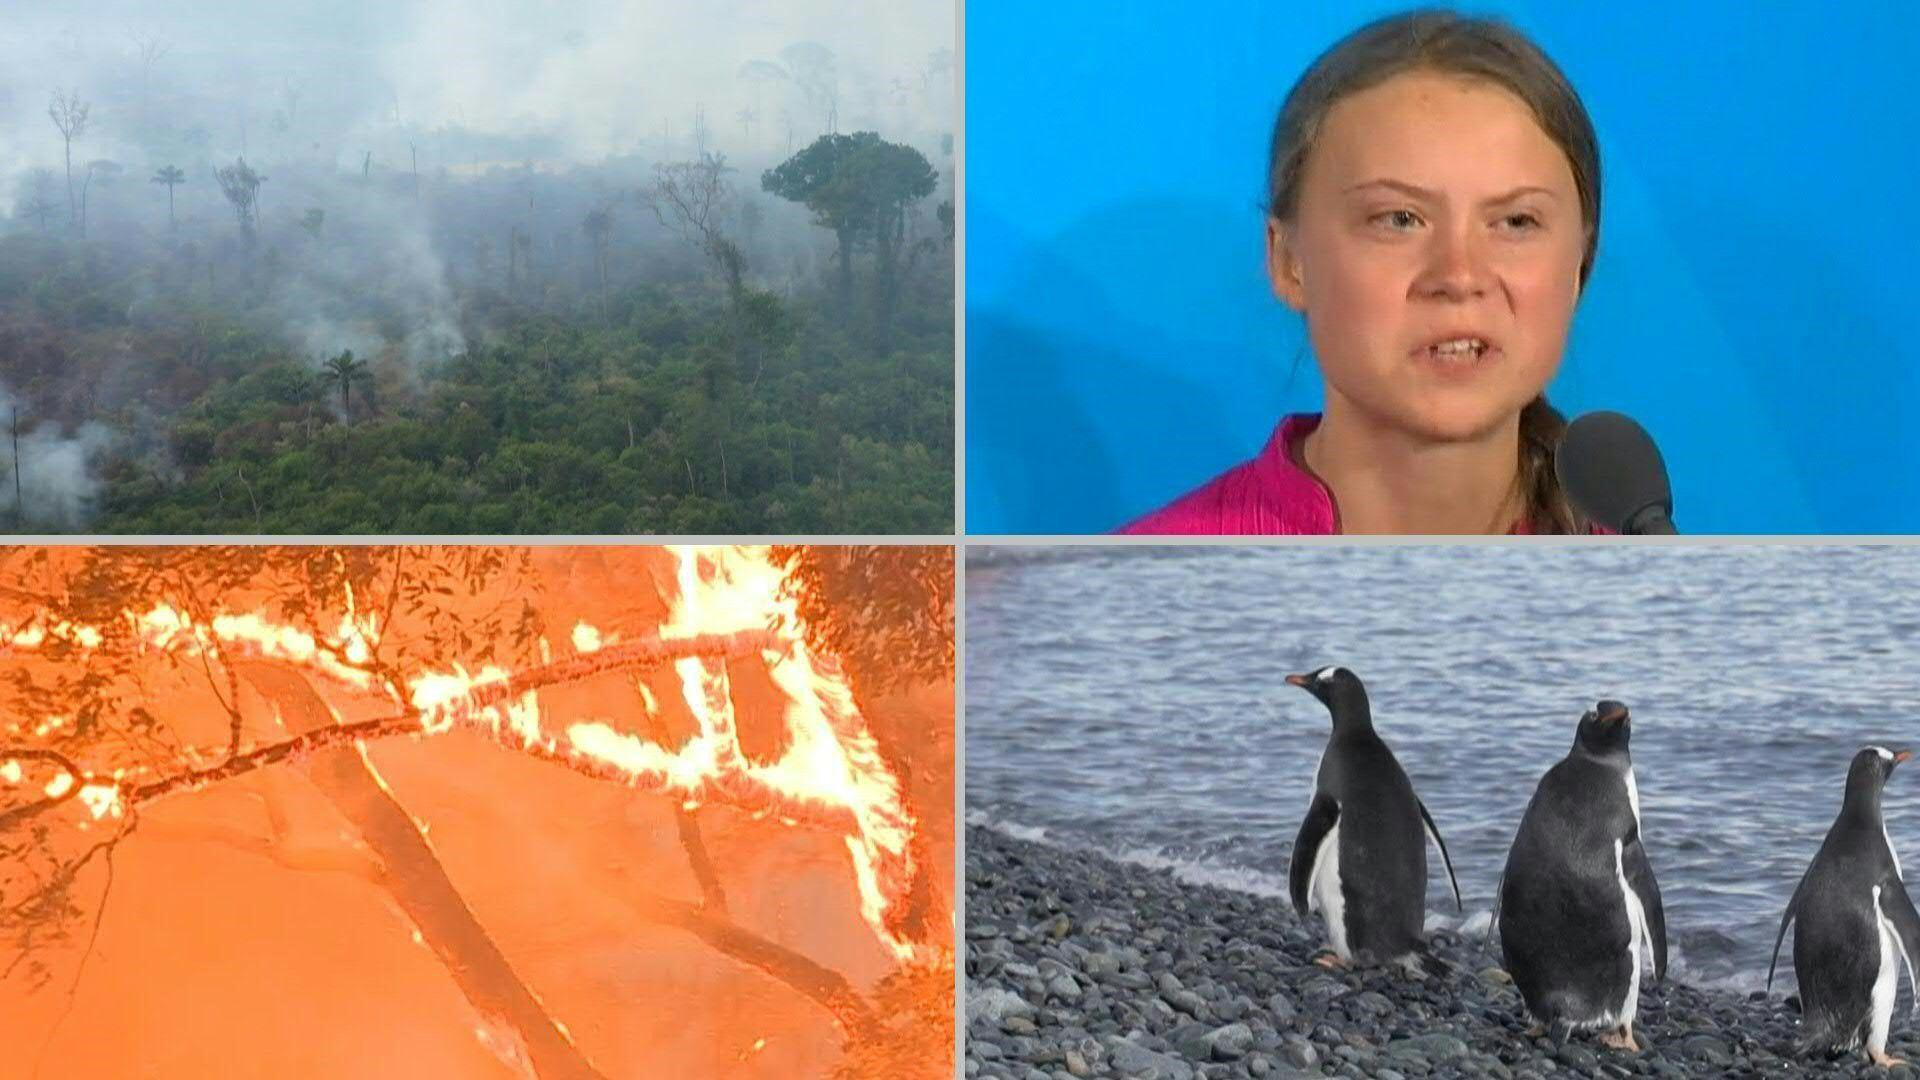 Incendios forestales gigantescos, huelgas escolares por el clima y turismo en la Antártida, postales de la actualidad medioambiental que preocupa (AFP)